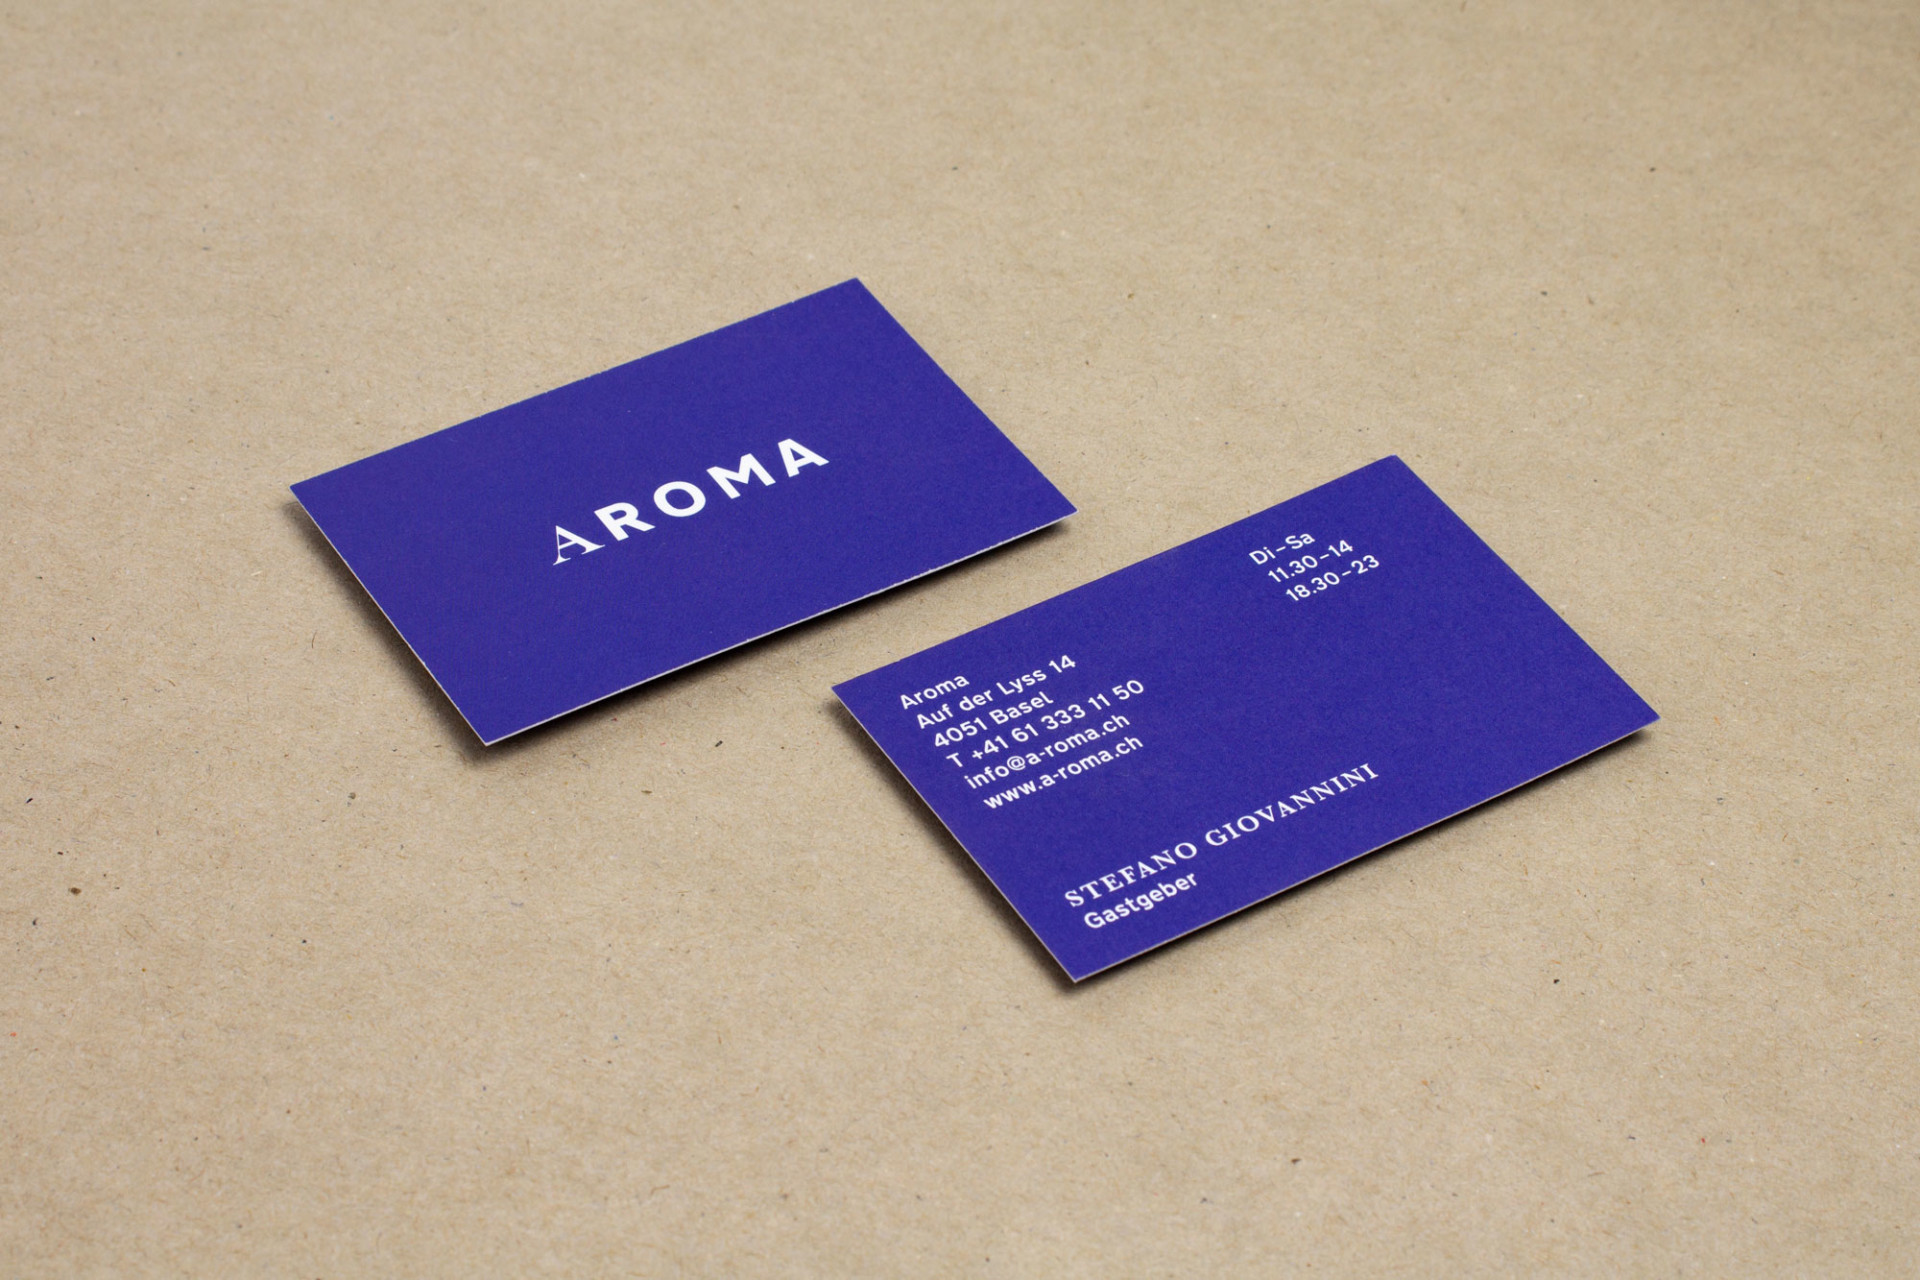 BKVK Trattoria Aroma — Corporate Design